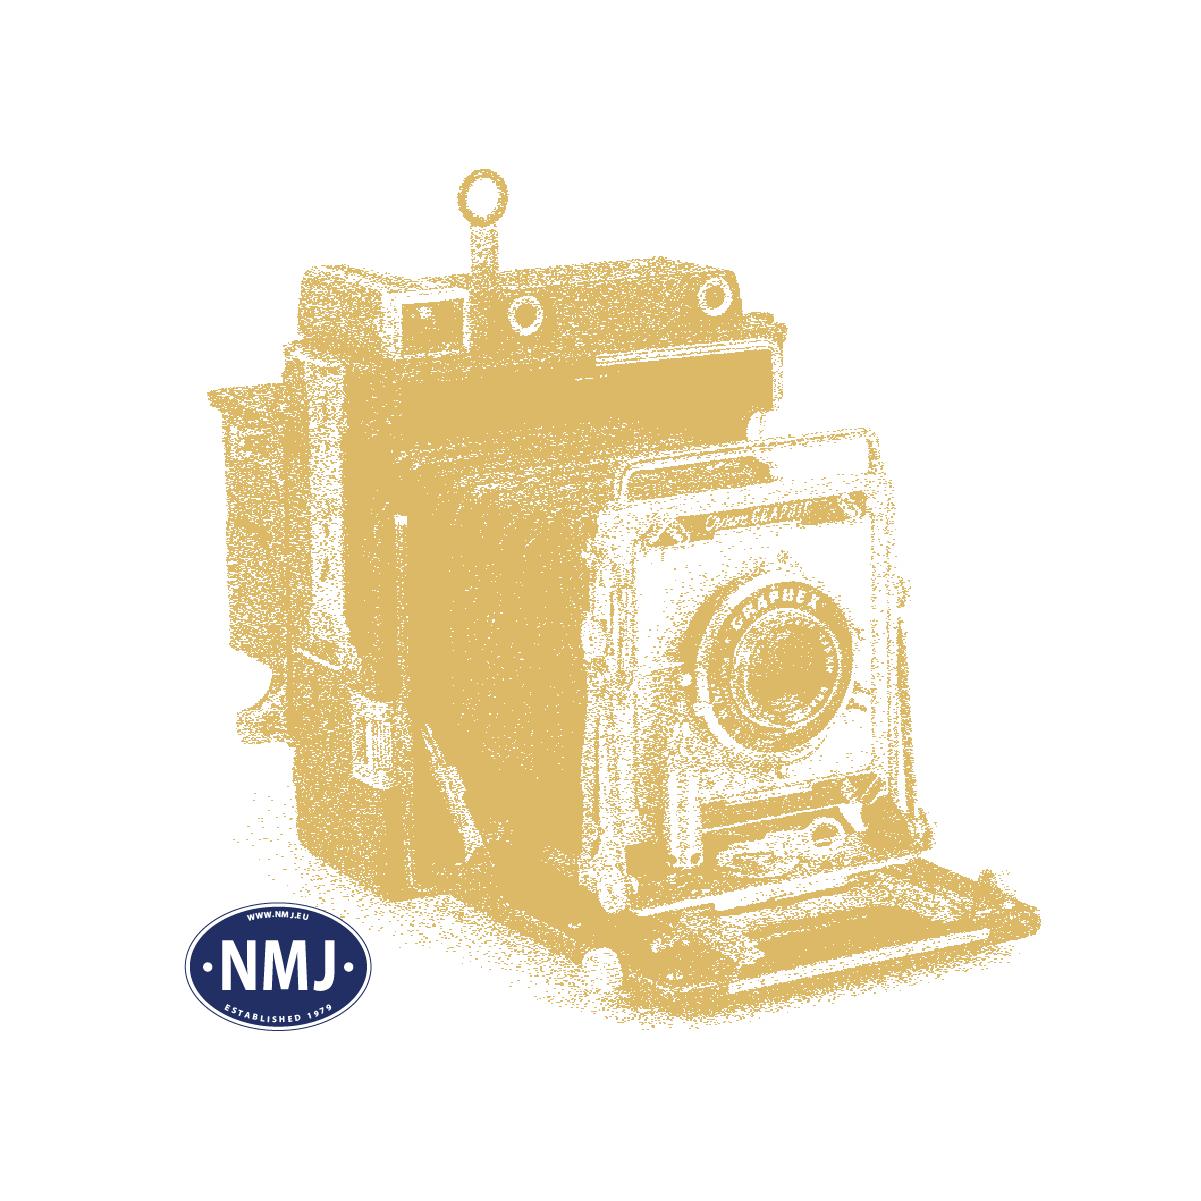 NMJT135.102 - NMJ Topline NSB AB11 24105, 1./2. klasse Personvogn Rot brauner design, H0